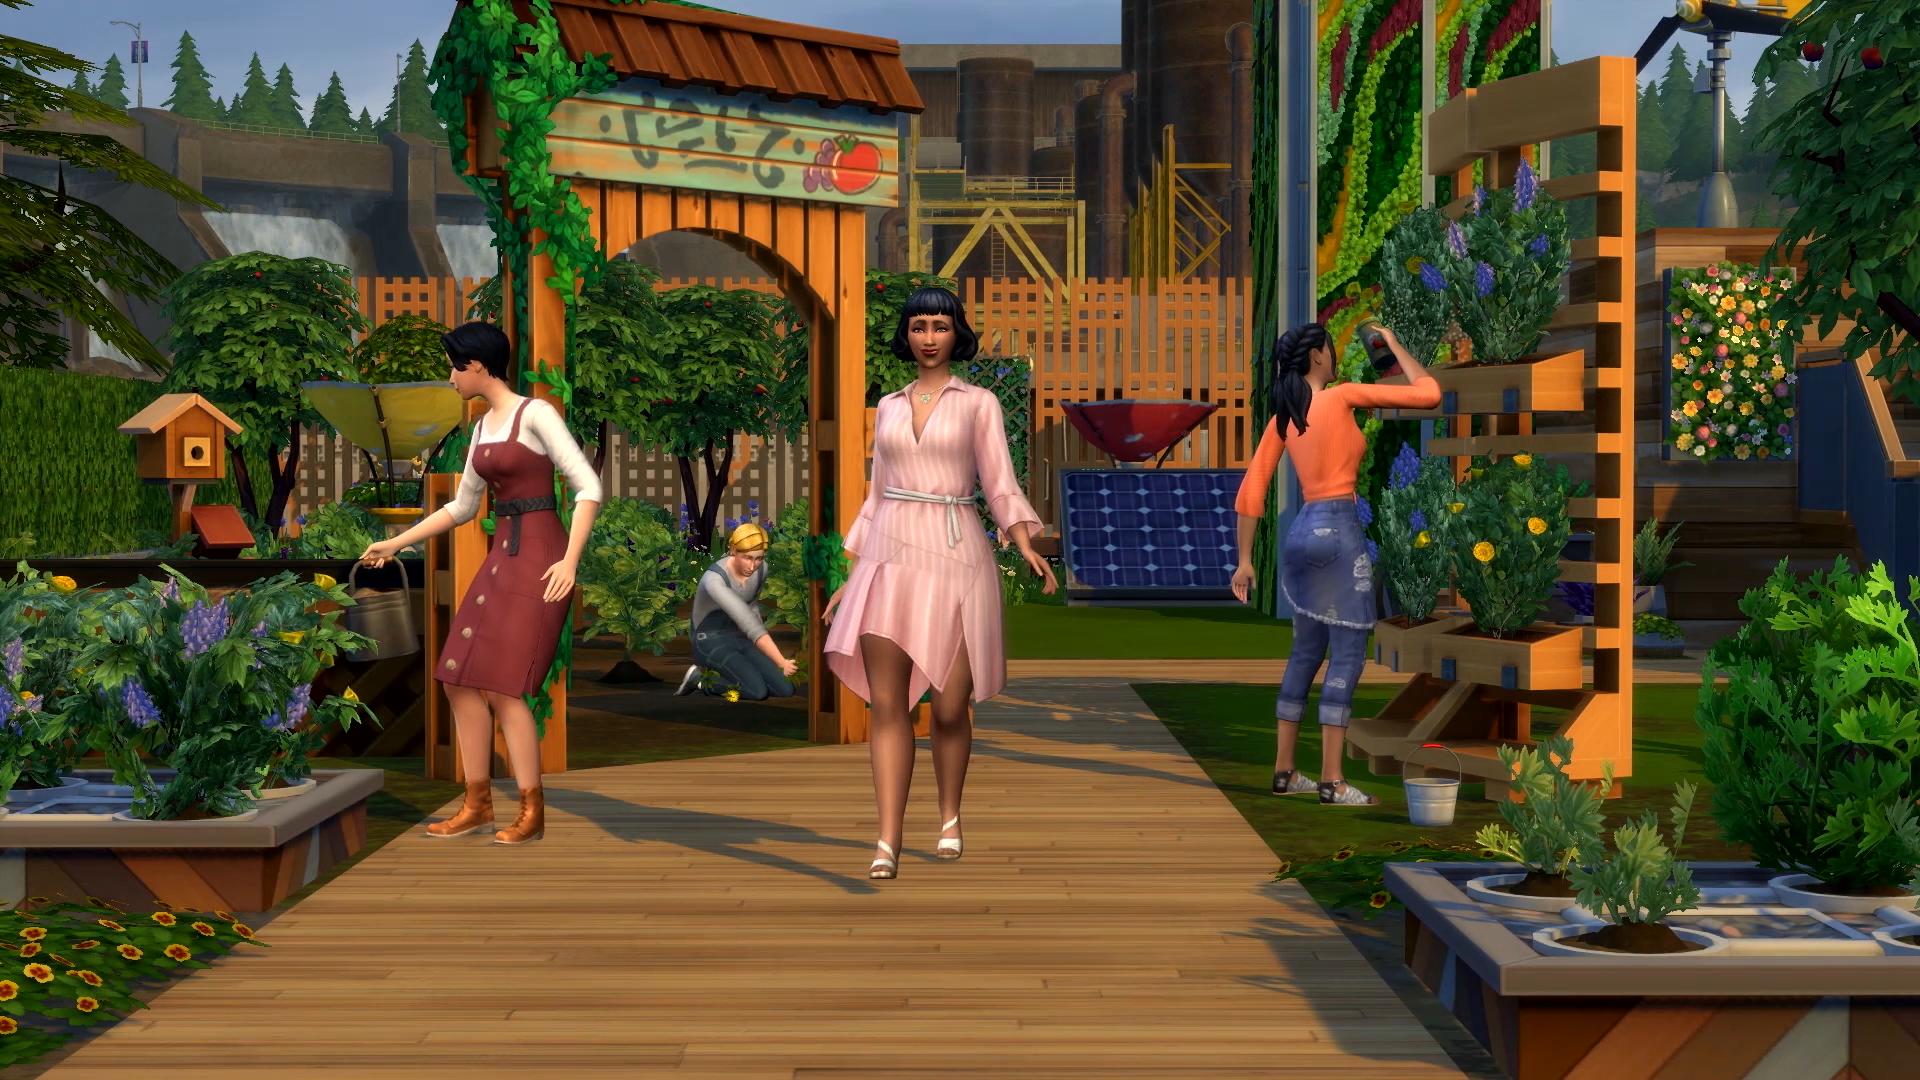 Los Sims 4 Vida Ecológica, el nuevo pack de expansión disponible el 5 de  junio - HobbyConsolas Juegos